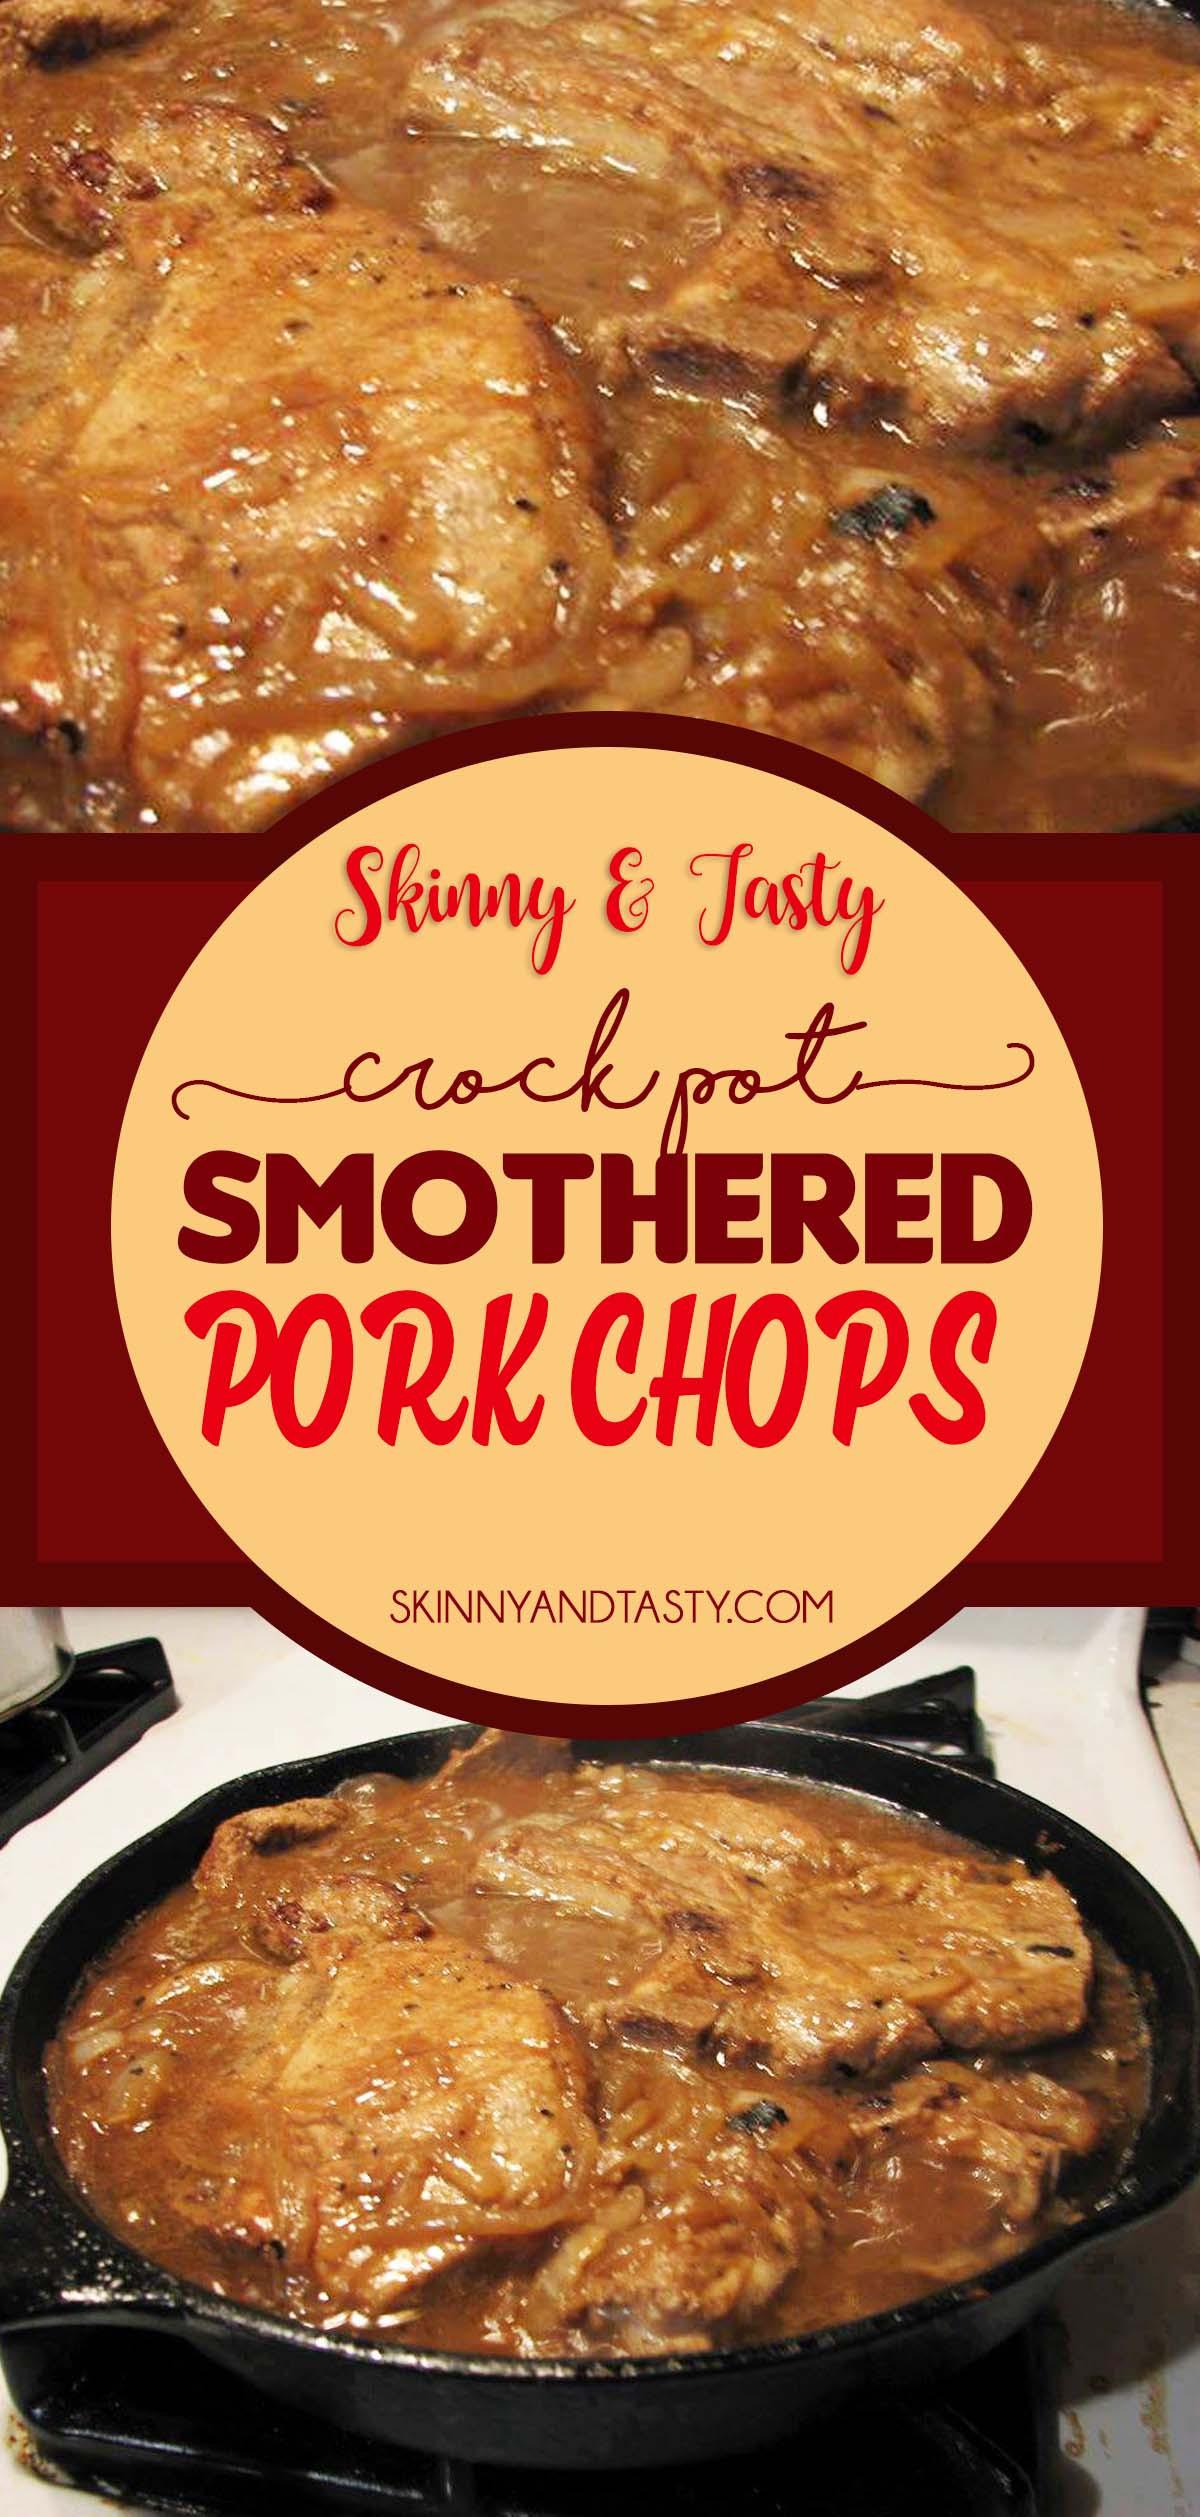 Smothered Pork Chops Crock Pot Keto  Crock Pot Smothered Pork Chops